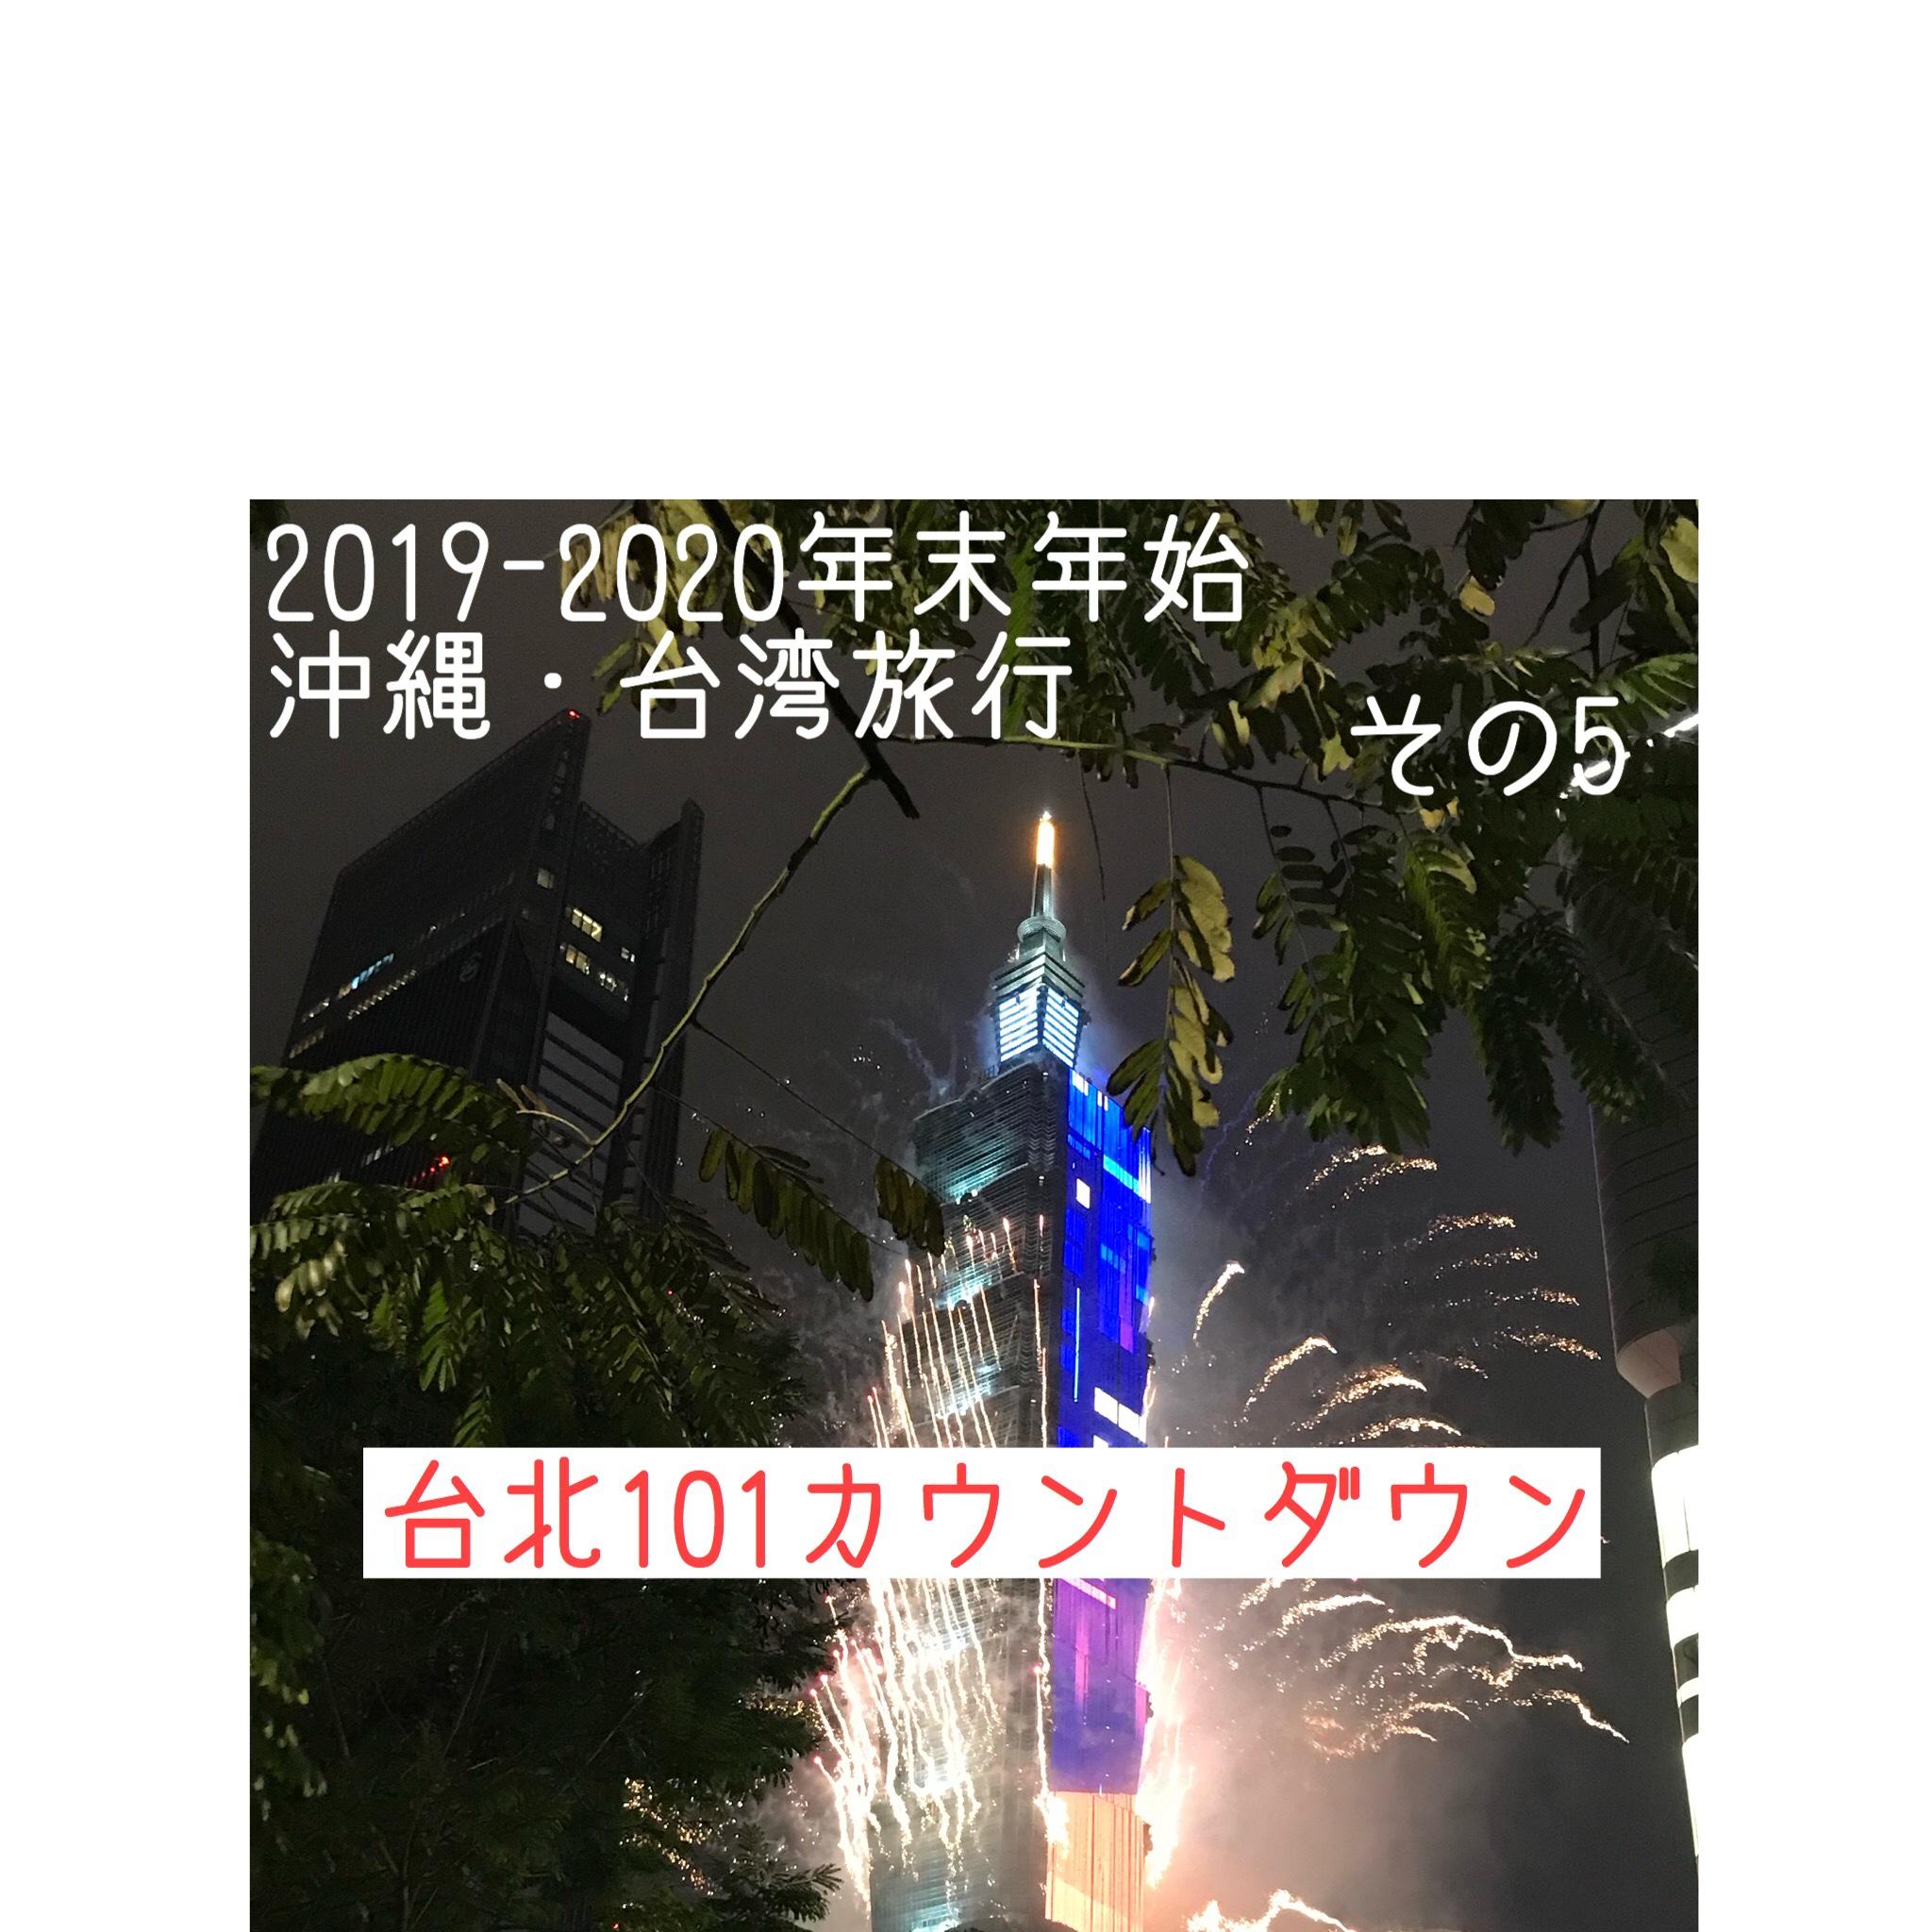 2019-2020年末年始 沖縄・台湾旅行の記録 その5 台北101カウントダウン花火